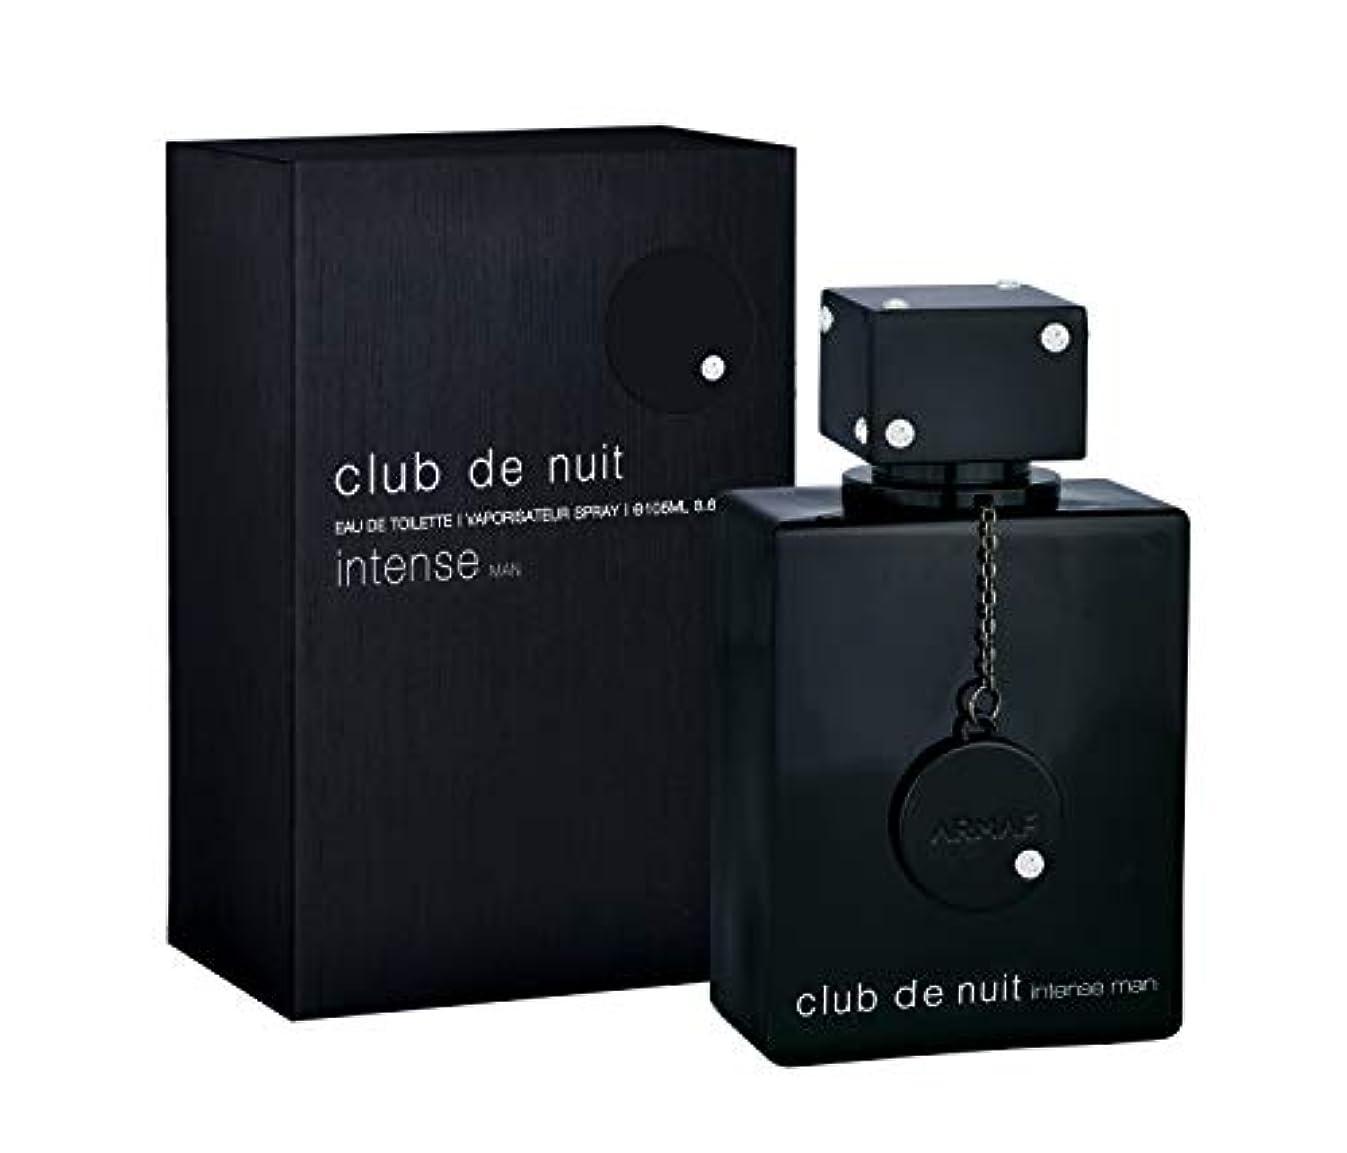 マングルあいさつコショウArmaf club de nuit men intense Perfume EDT Eau De Toilette 100 ml Fragrance